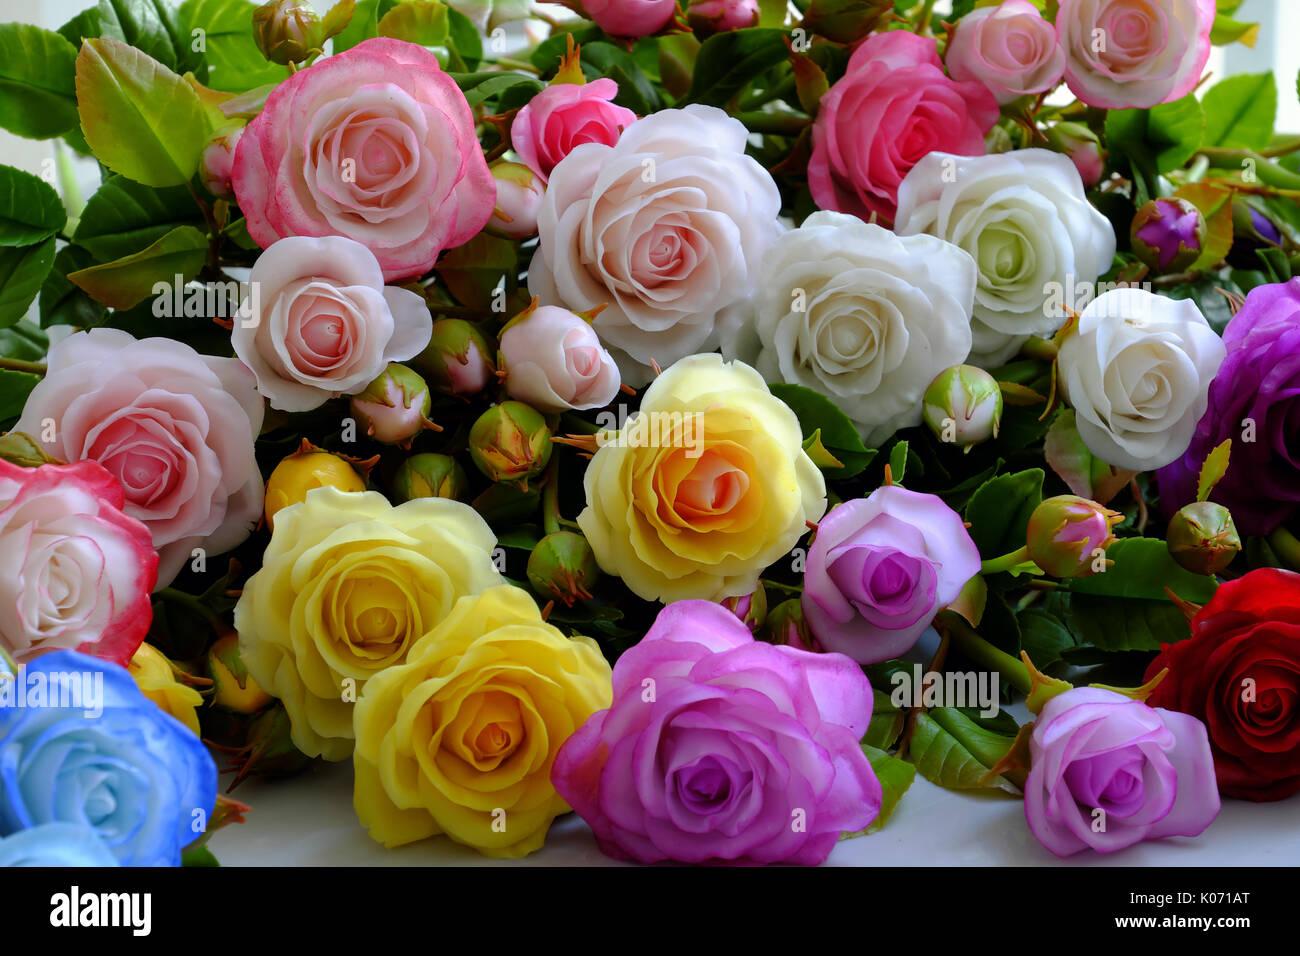 Fond De Fleurs Roses Colorees Groupe De Rose Multicolore Faire De L